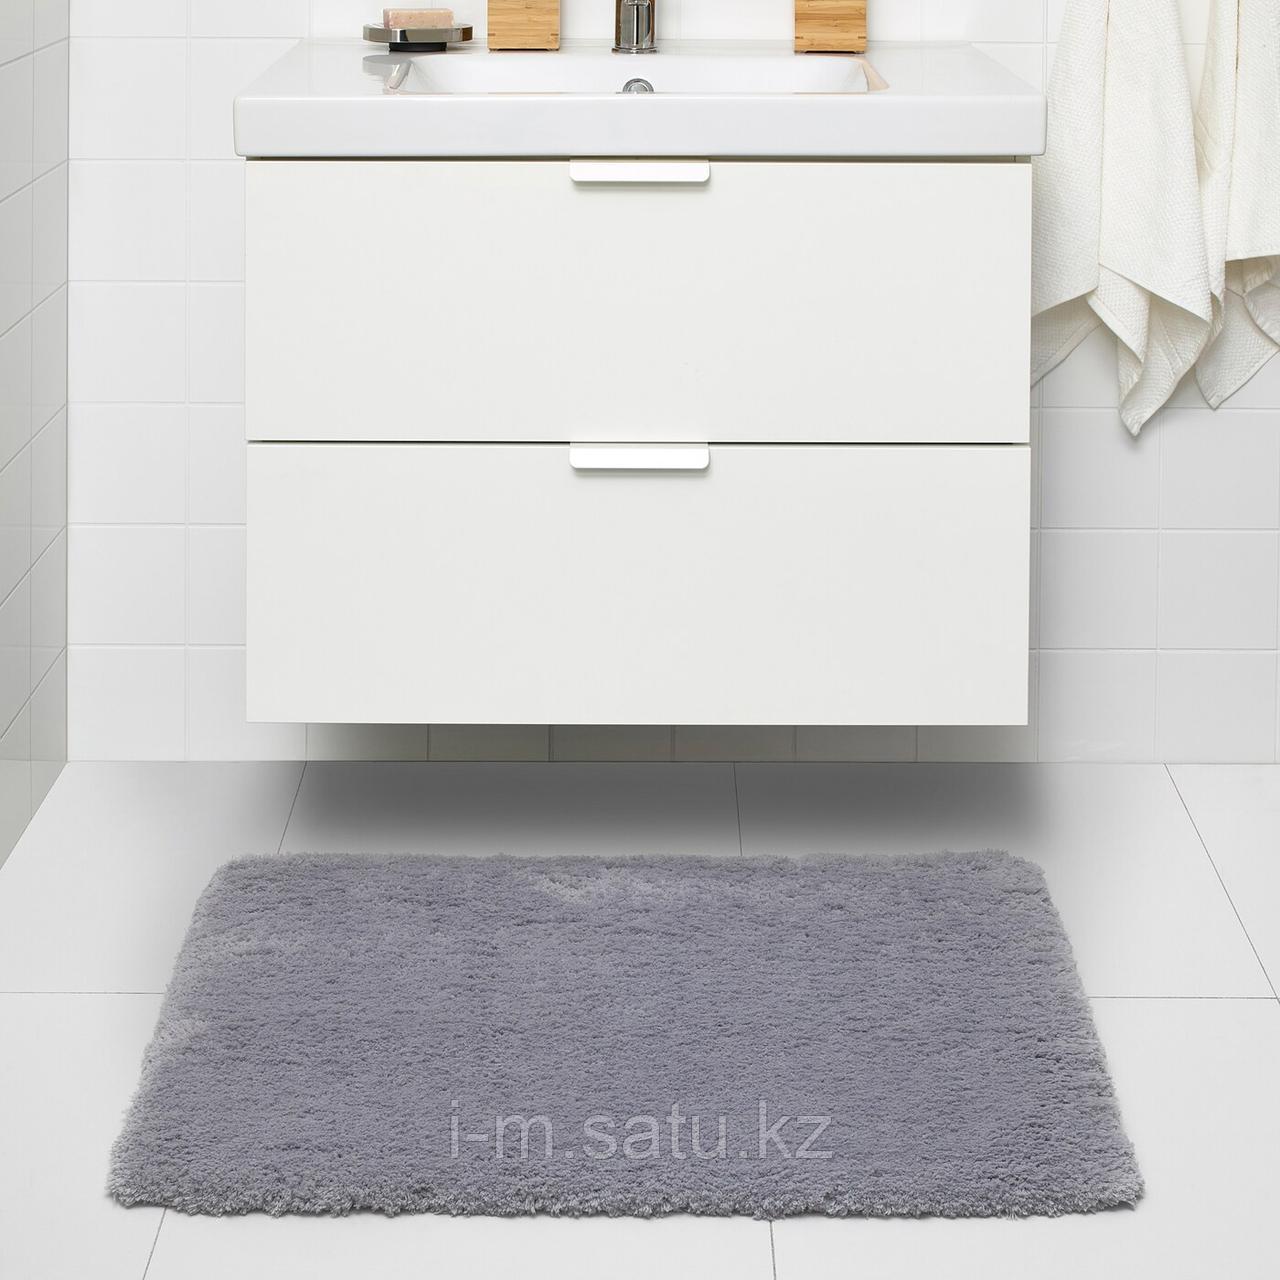 АЛЬМТЬЕРН Коврик для ванной, серый, 65x100 см